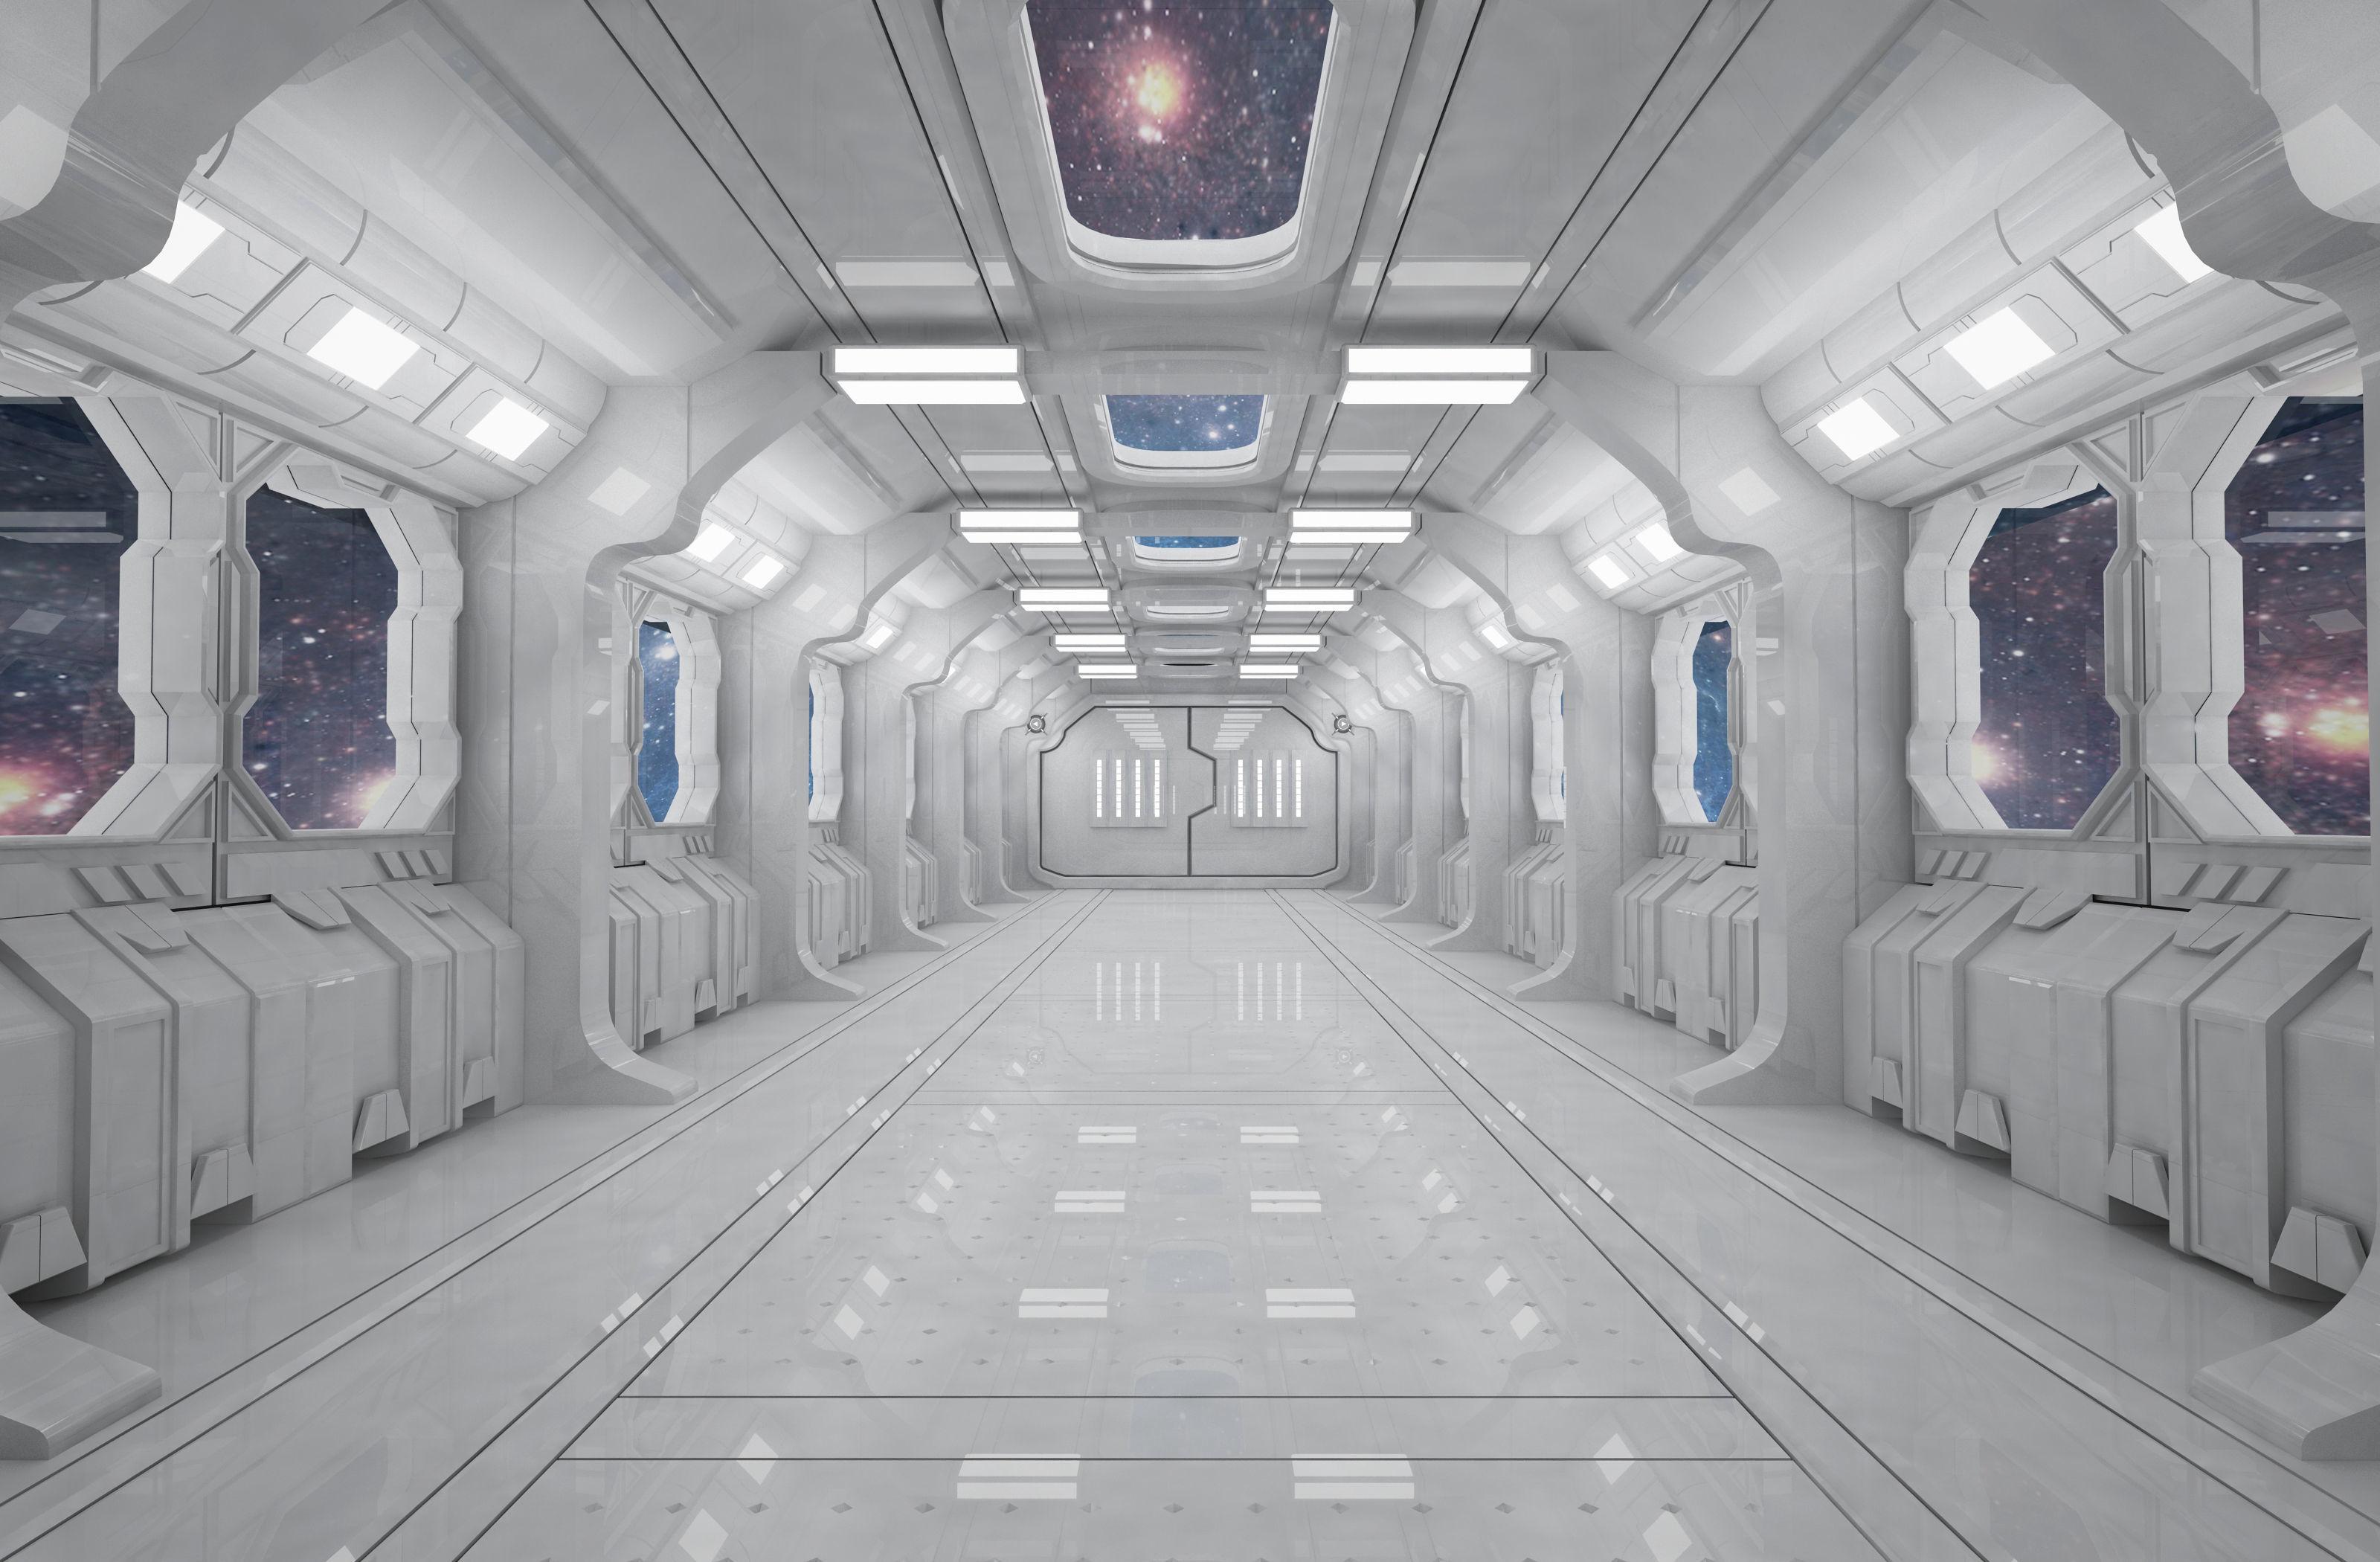 SCI FI INTERIOR SCENE SPACE SHIP